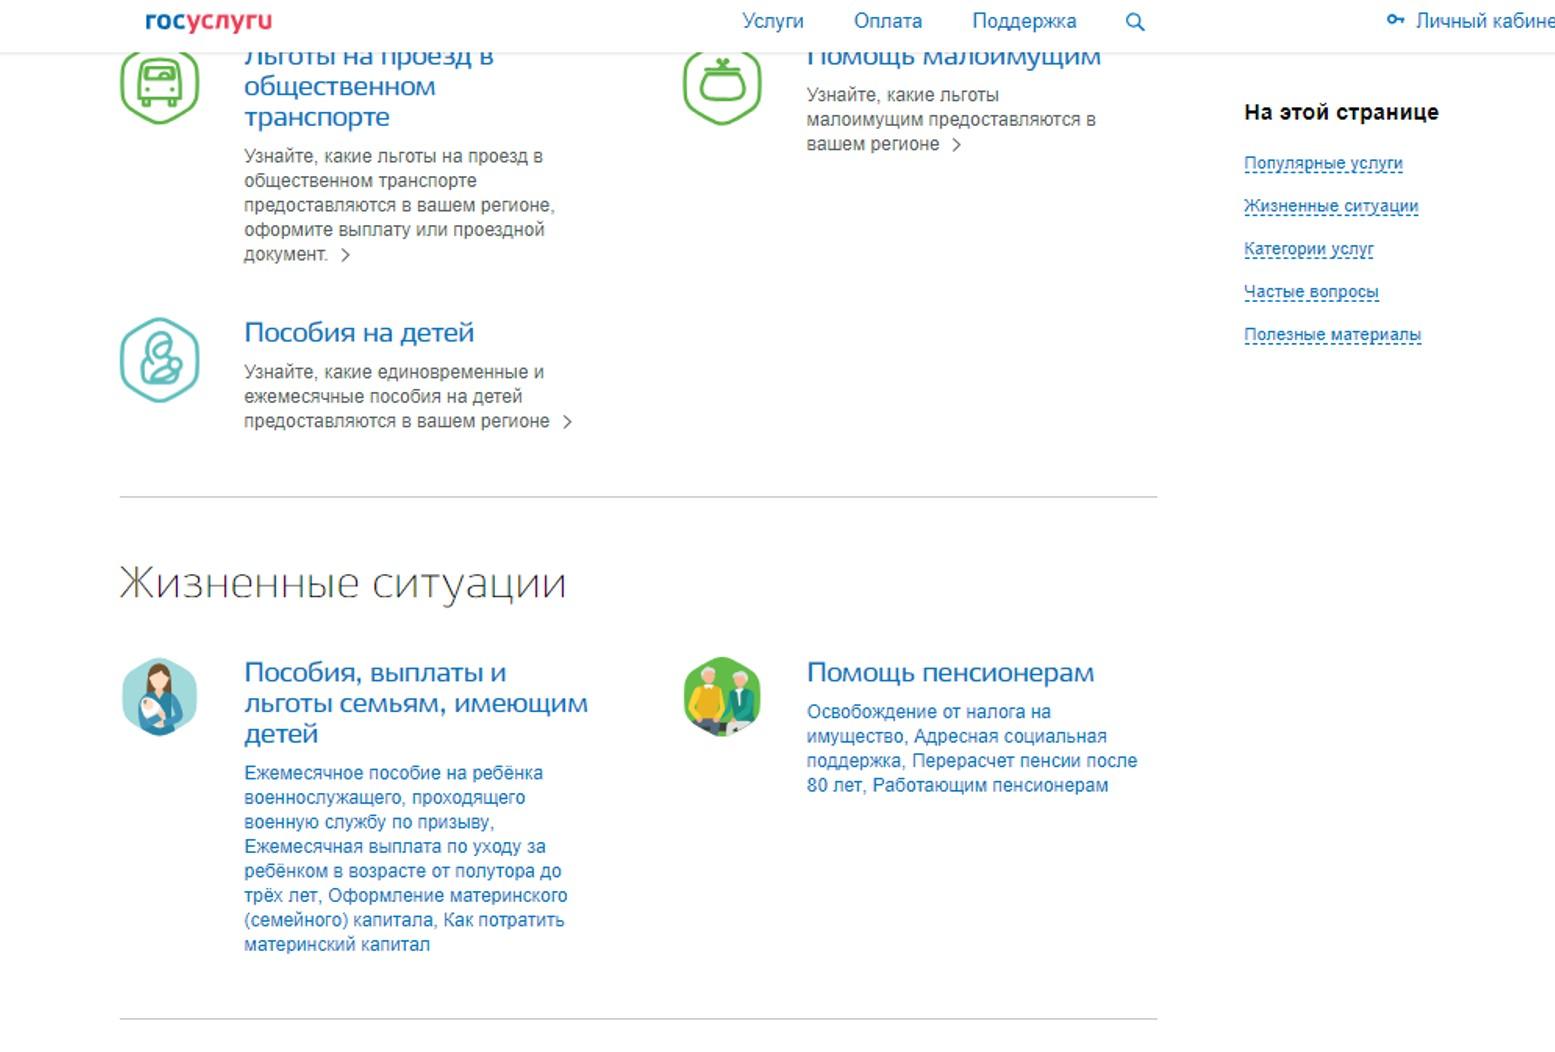 какие льготы полагаются 2 http://grosh-blog.ru